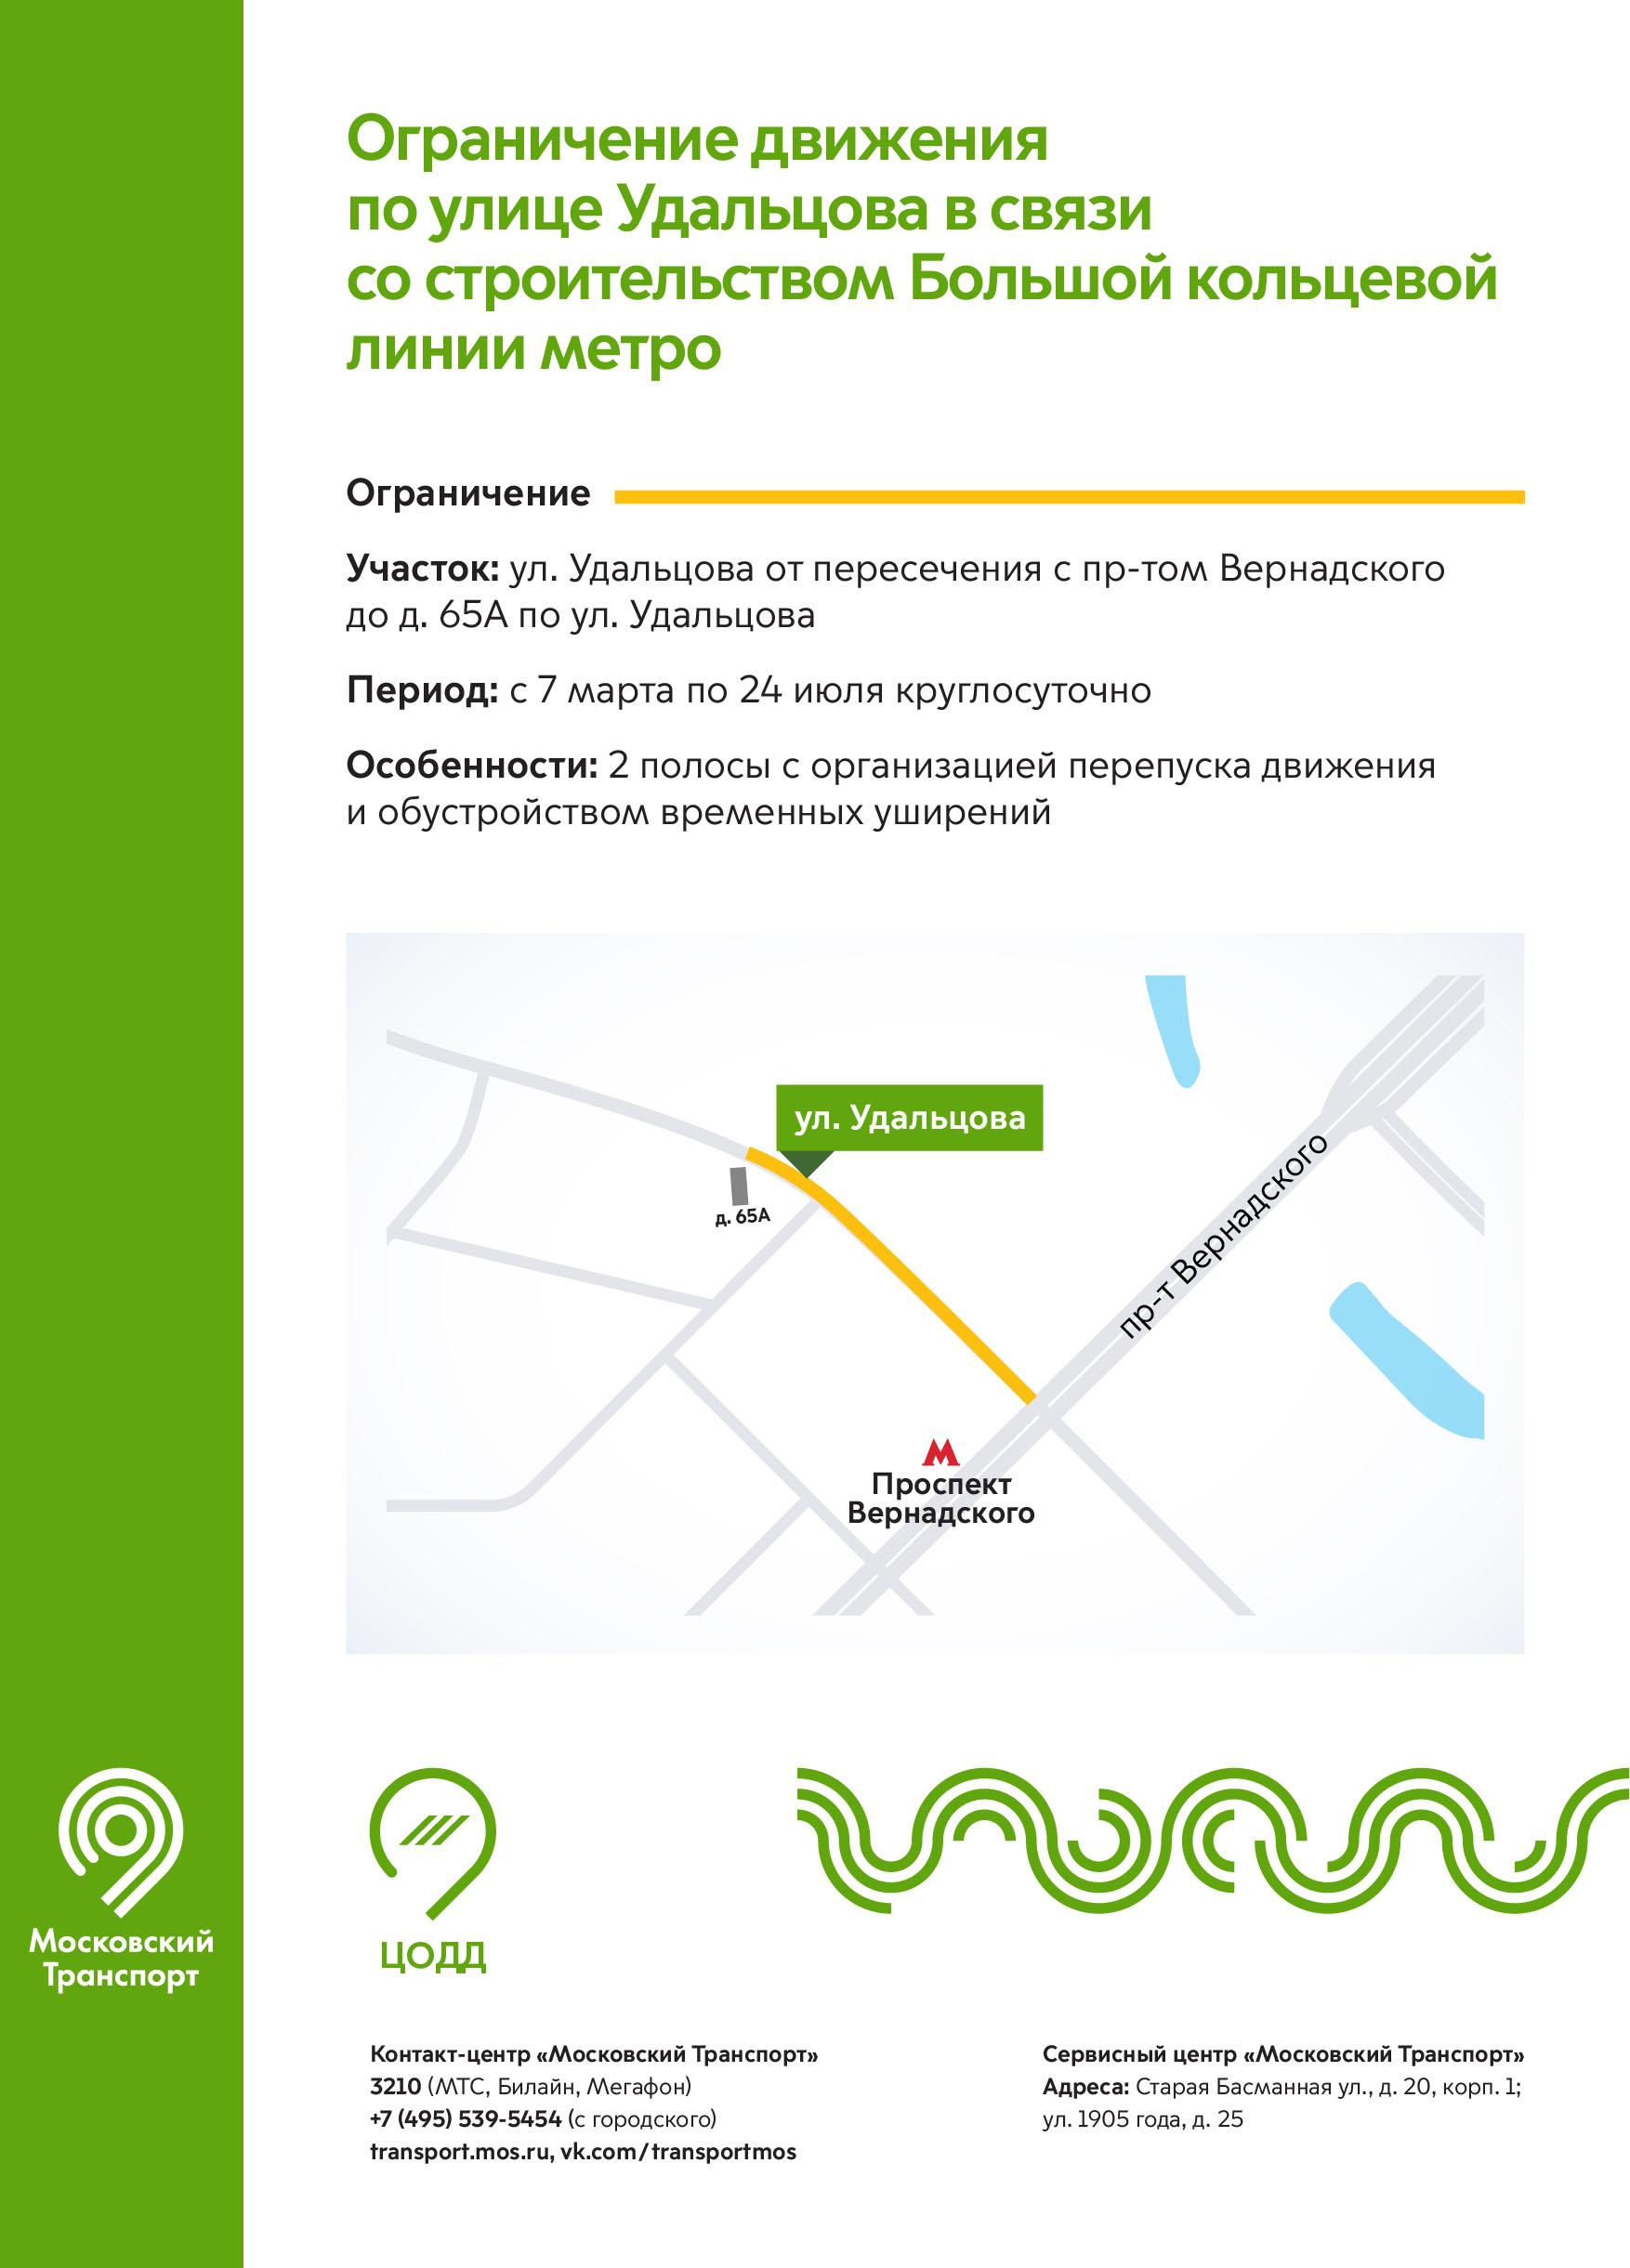 Движение по улице Удальцова ограничат до 24 июля